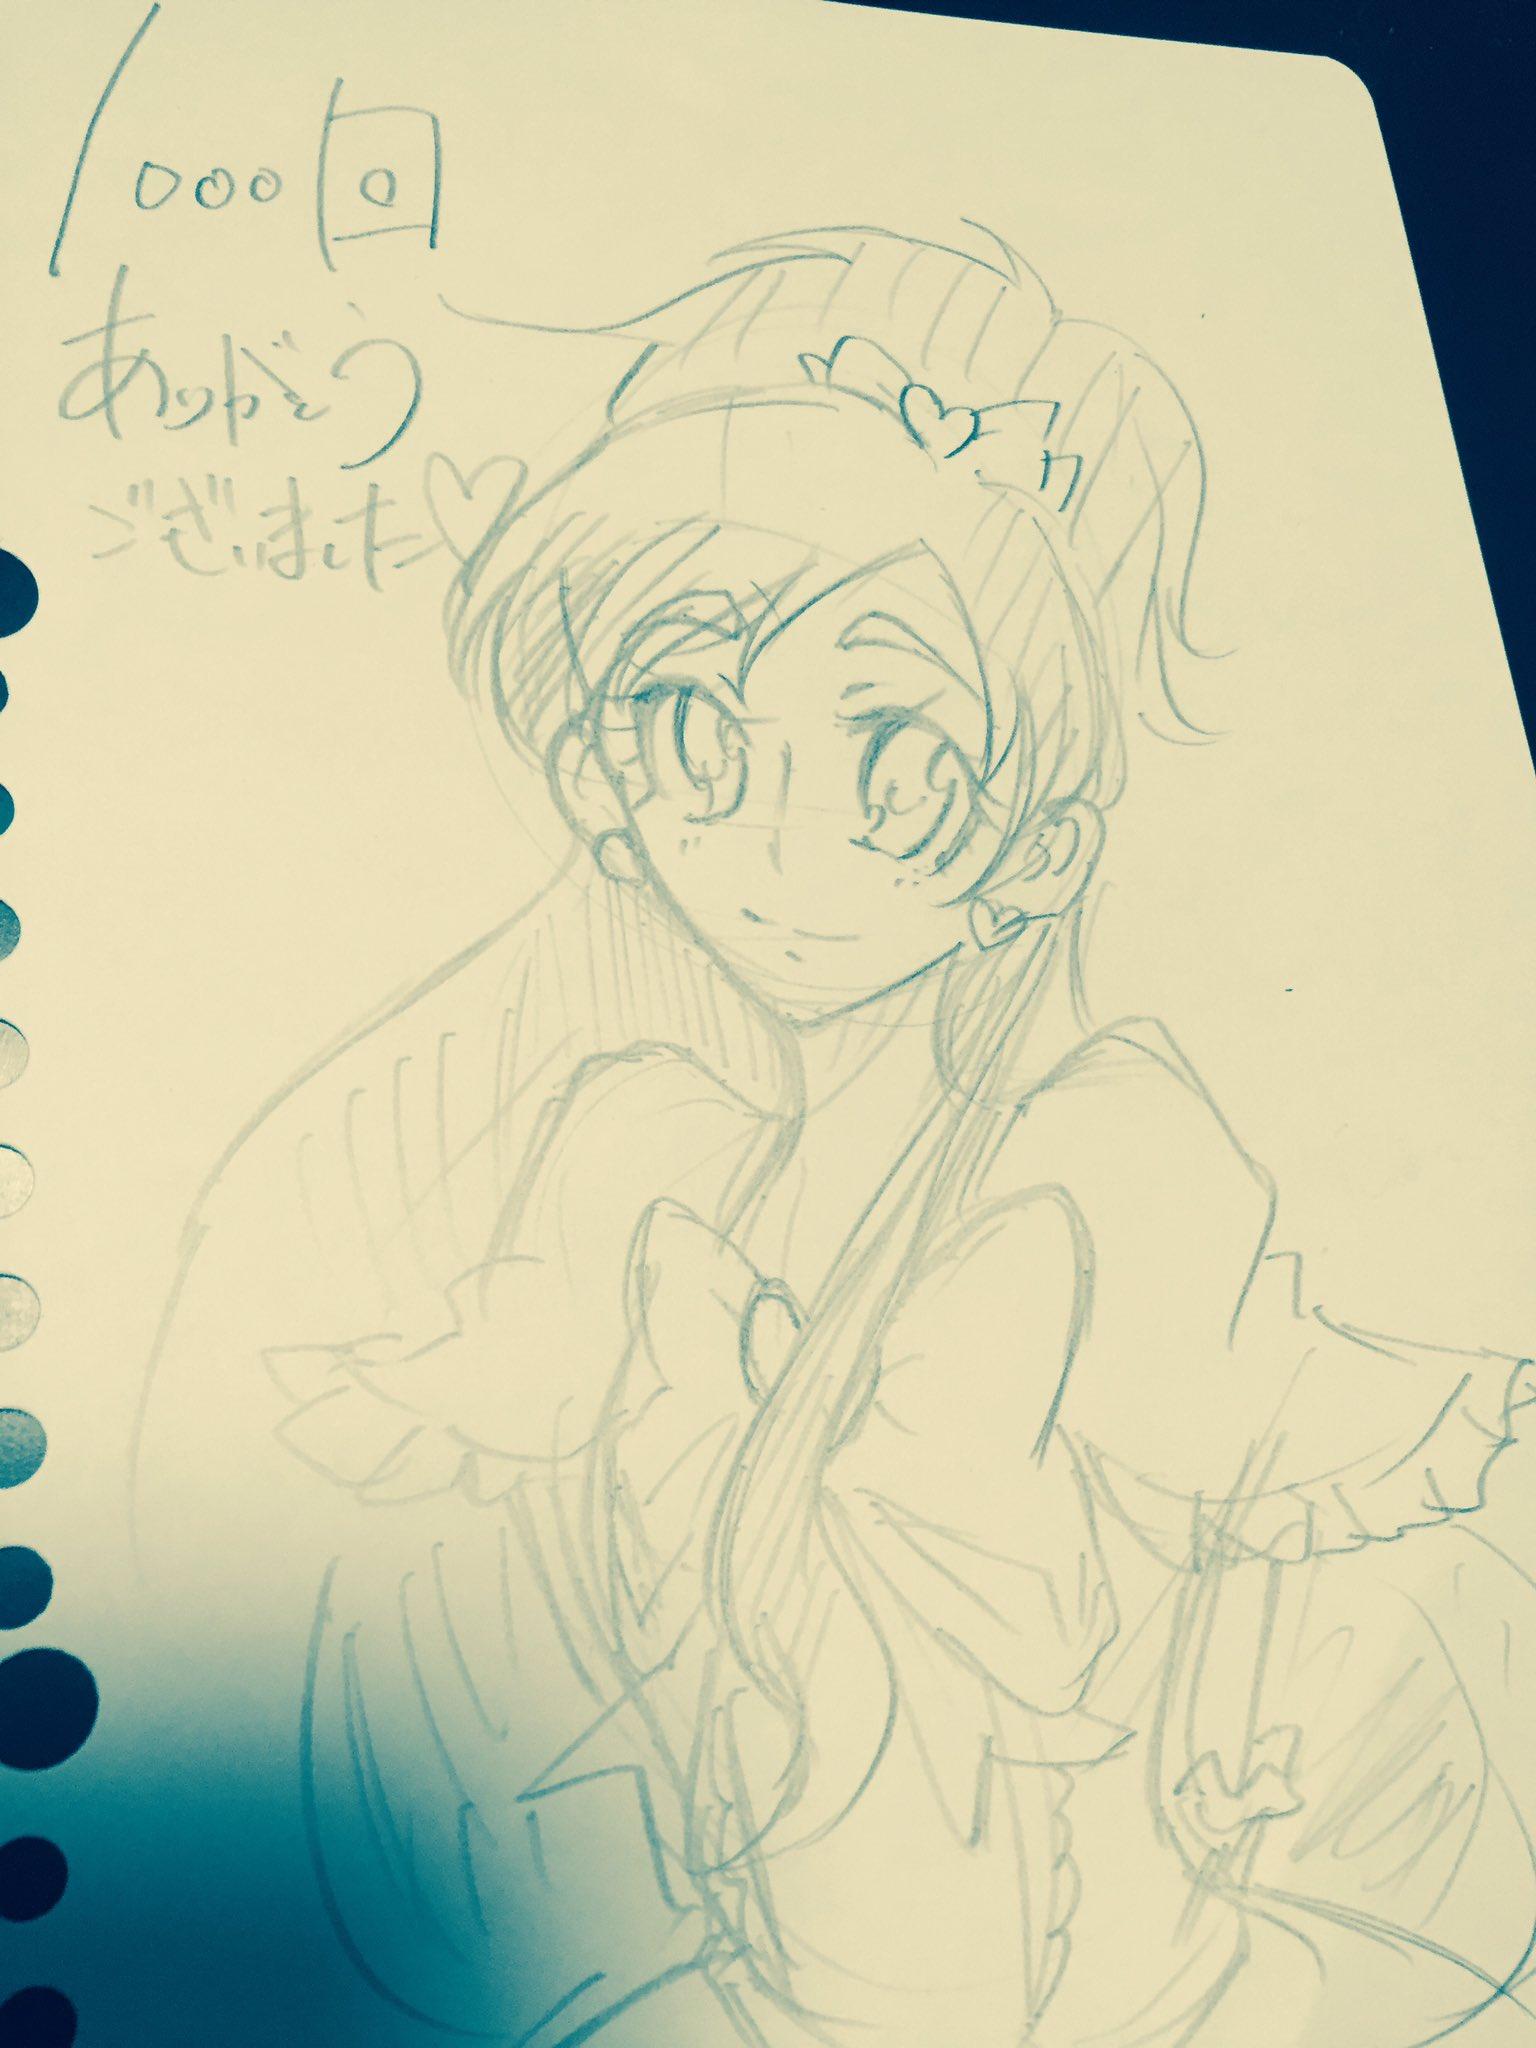 🍀桃兎🇫🇷 (@kanan_02)さんのイラスト